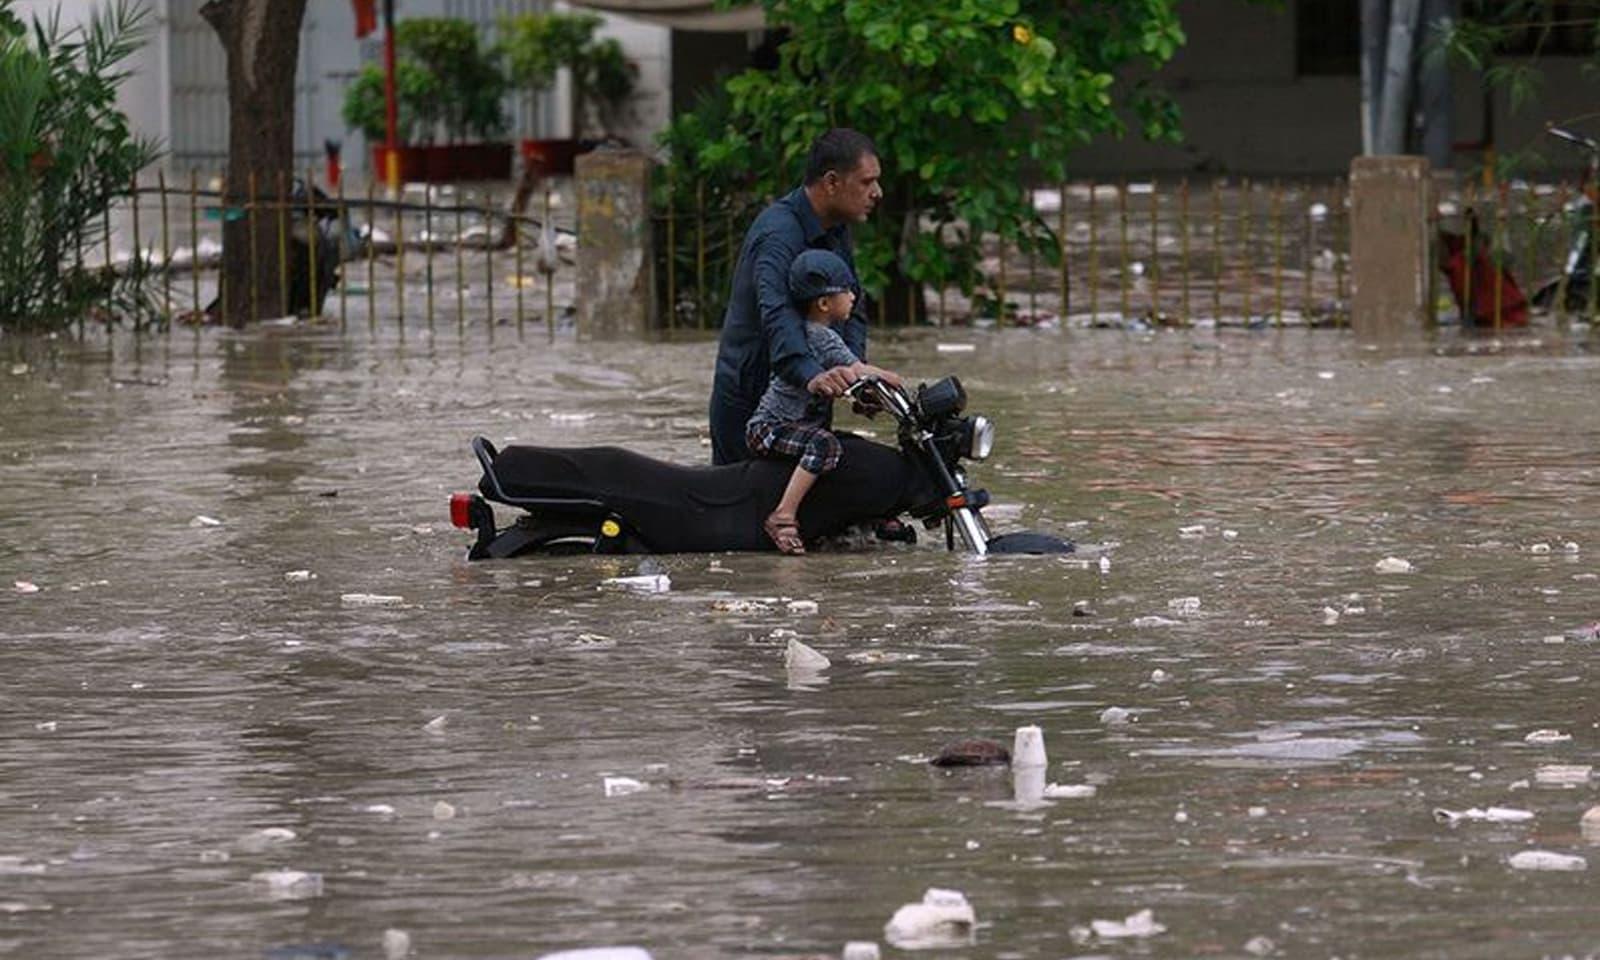 بارشوں کے باعث مختلف شہروں میں سیلابی صورتحال پیدا ہوگئی ہے — فوٹو: اے پی